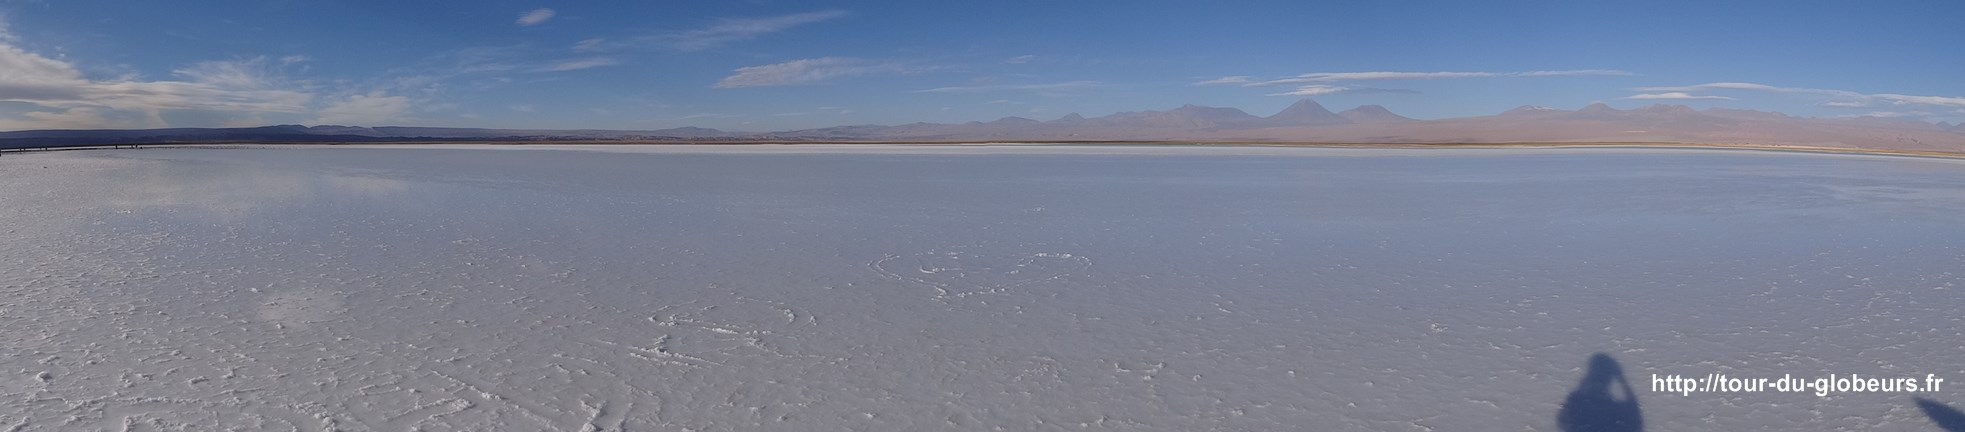 Chili - Atacama - Lac salé panorama